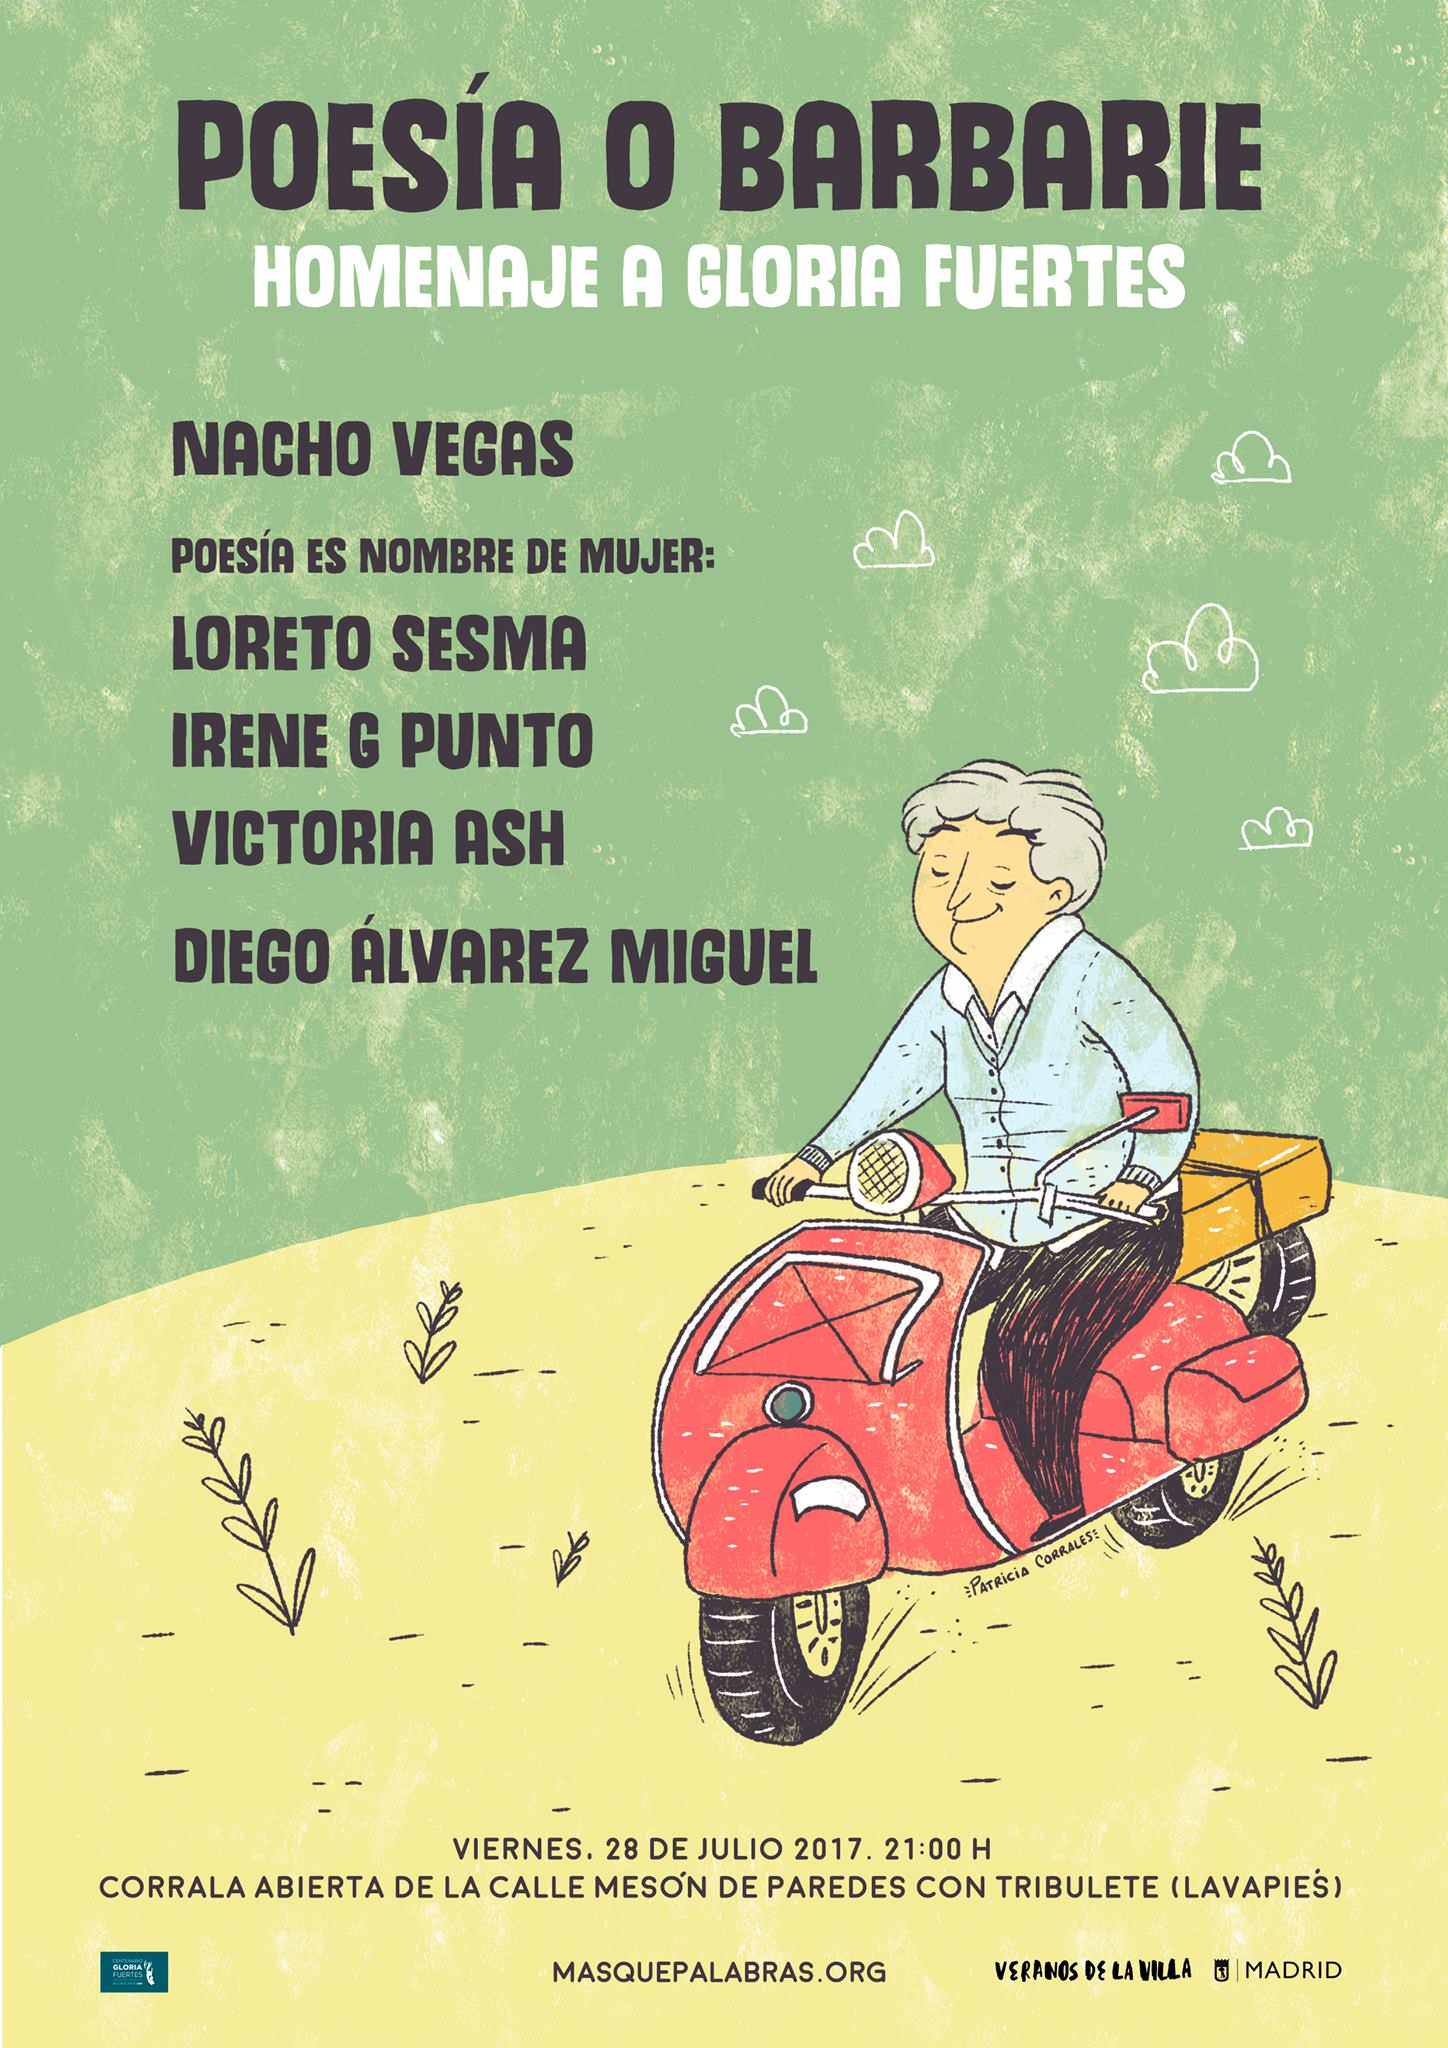 Poesía O Barbarie X Gloria Fuertes • Un buen día en Madrid